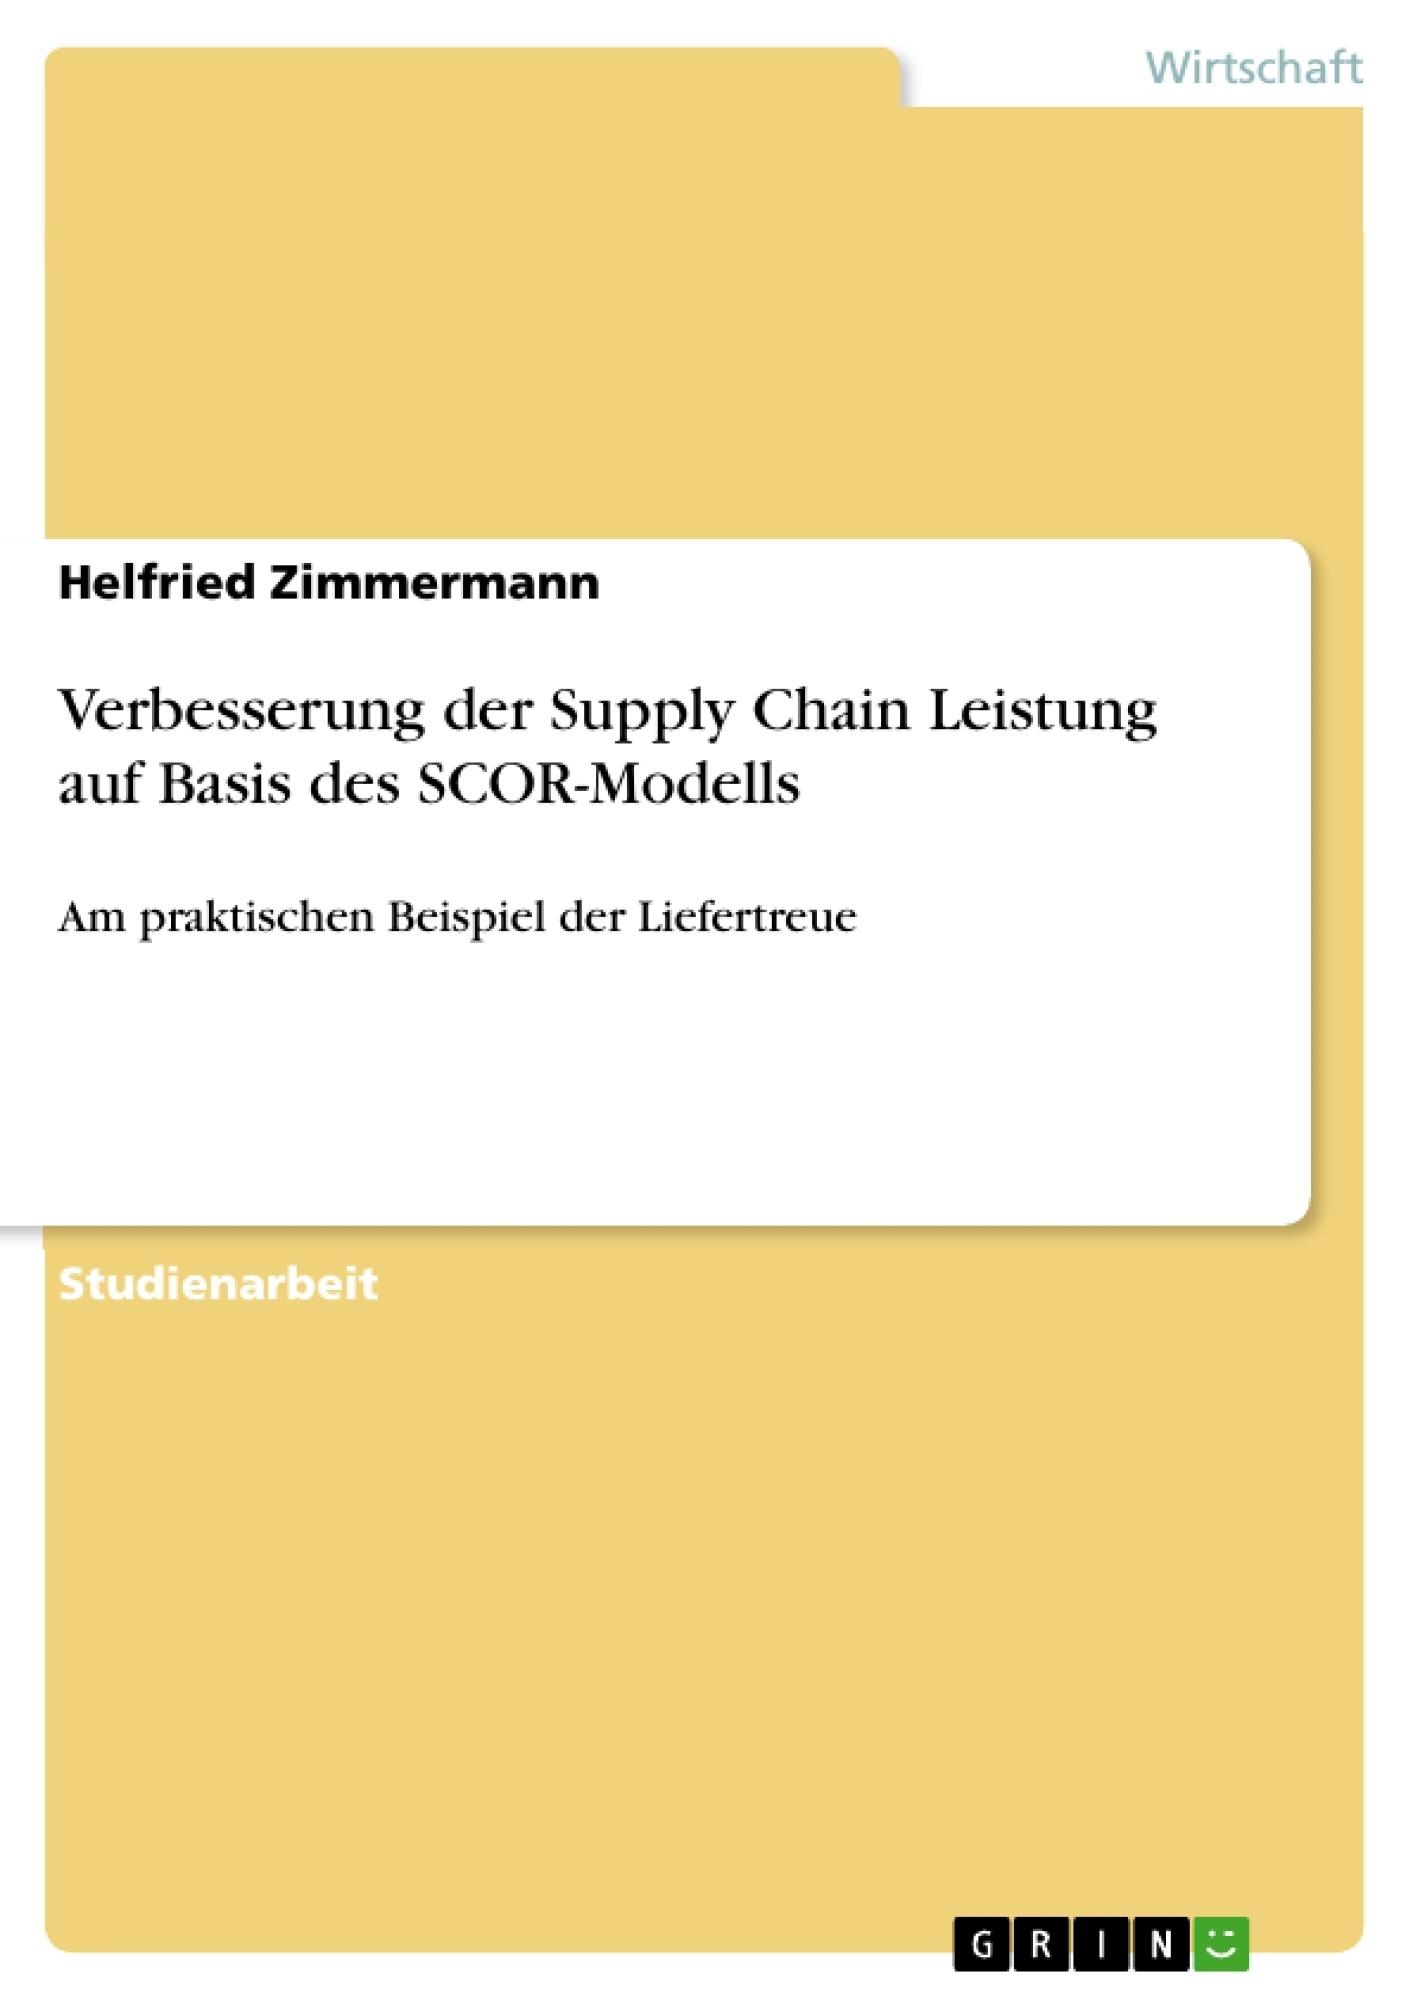 Titel: Verbesserung der Supply Chain Leistung auf Basis des SCOR-Modells